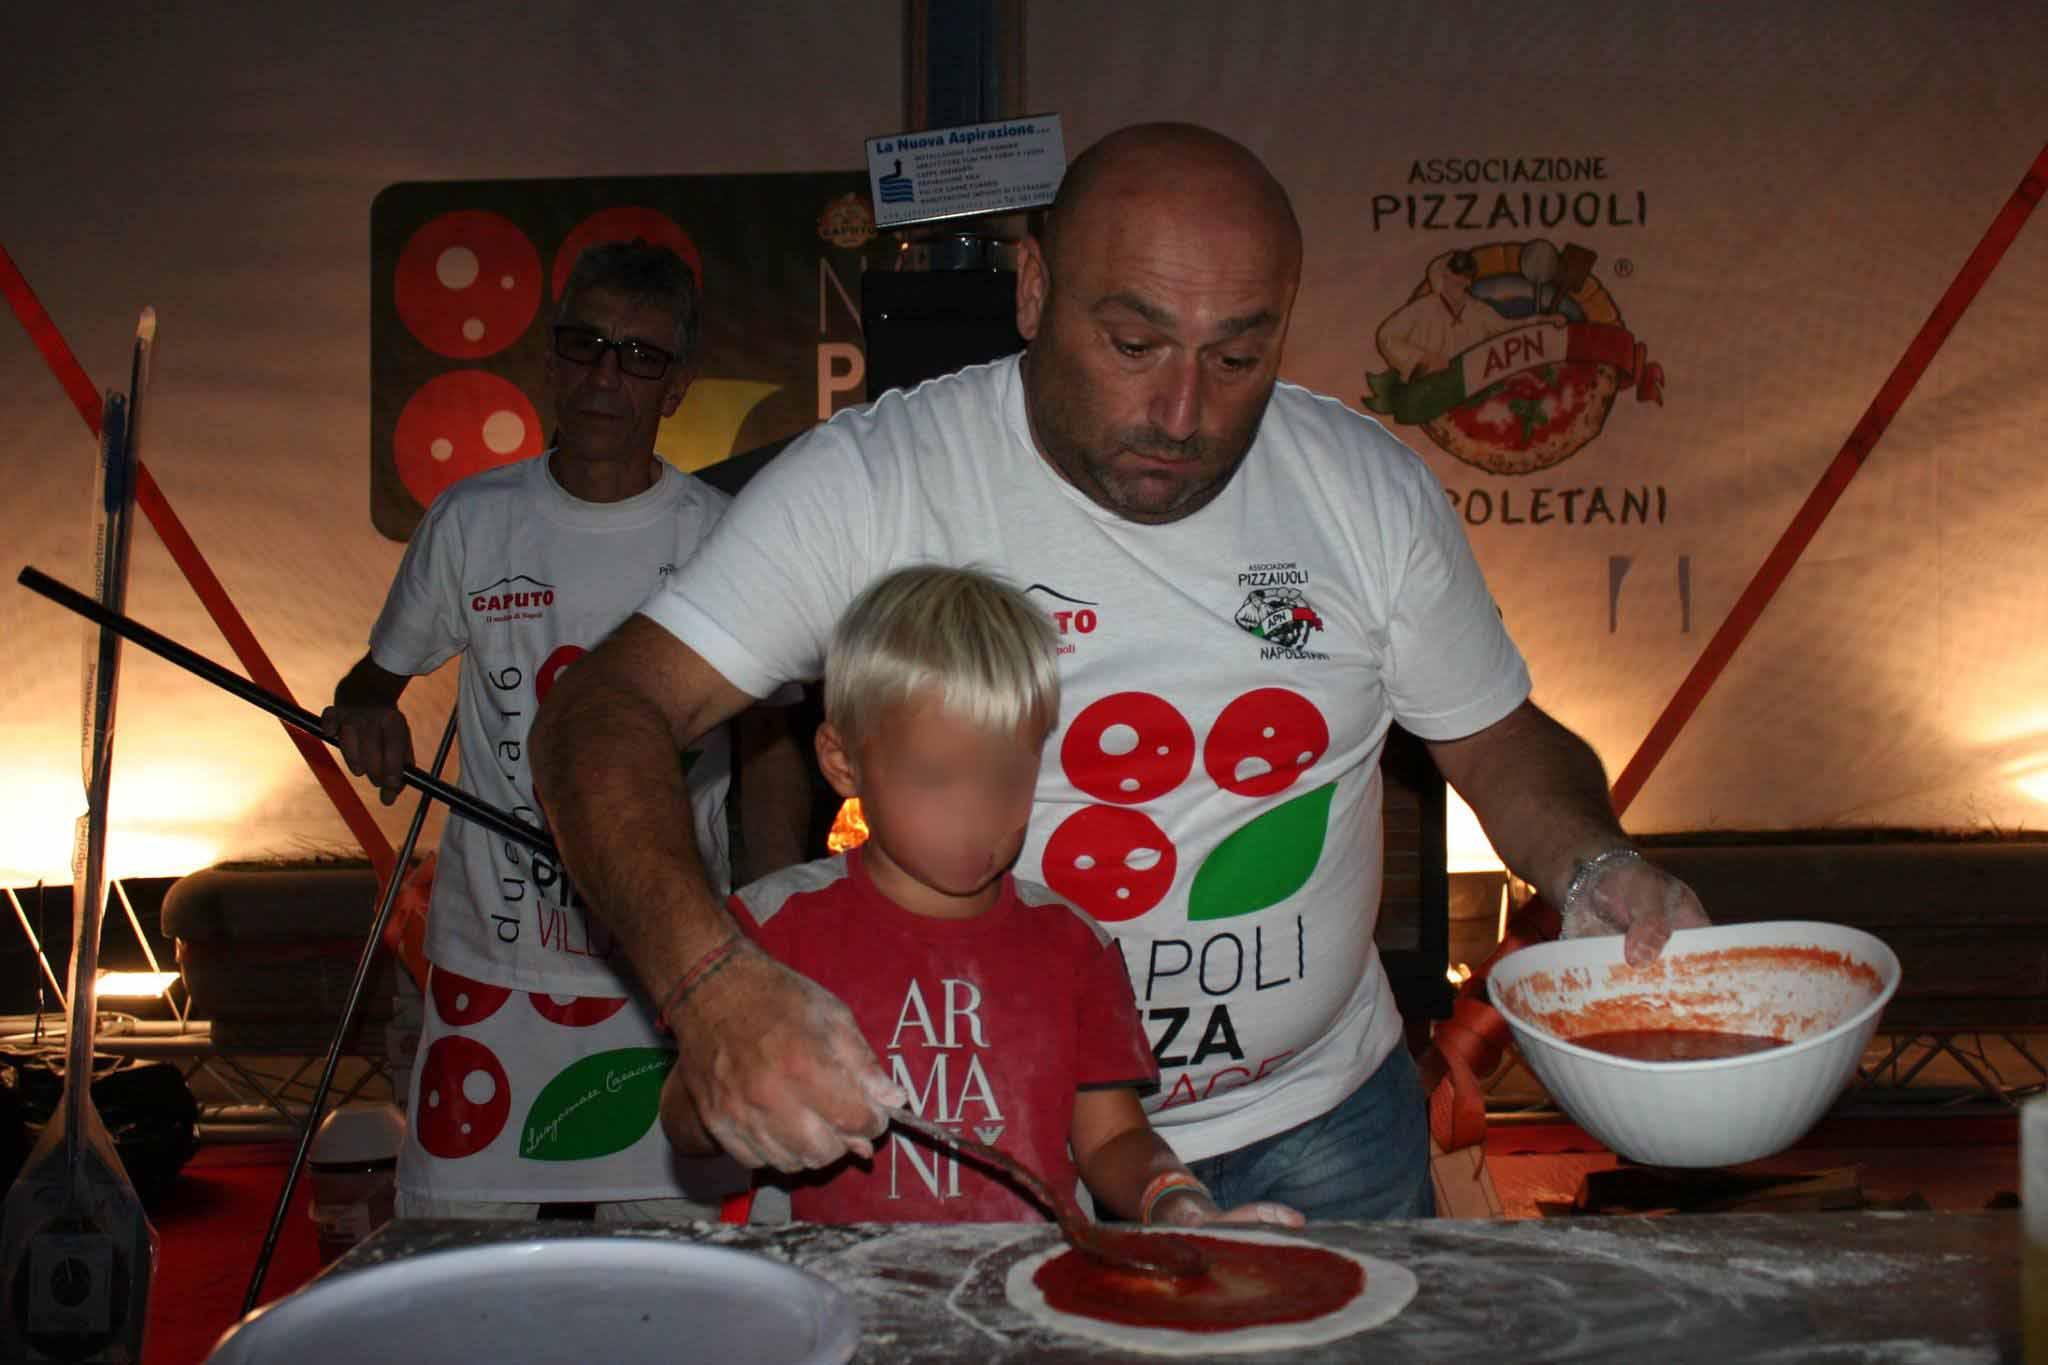 ernesto-fico-bambini-pizza